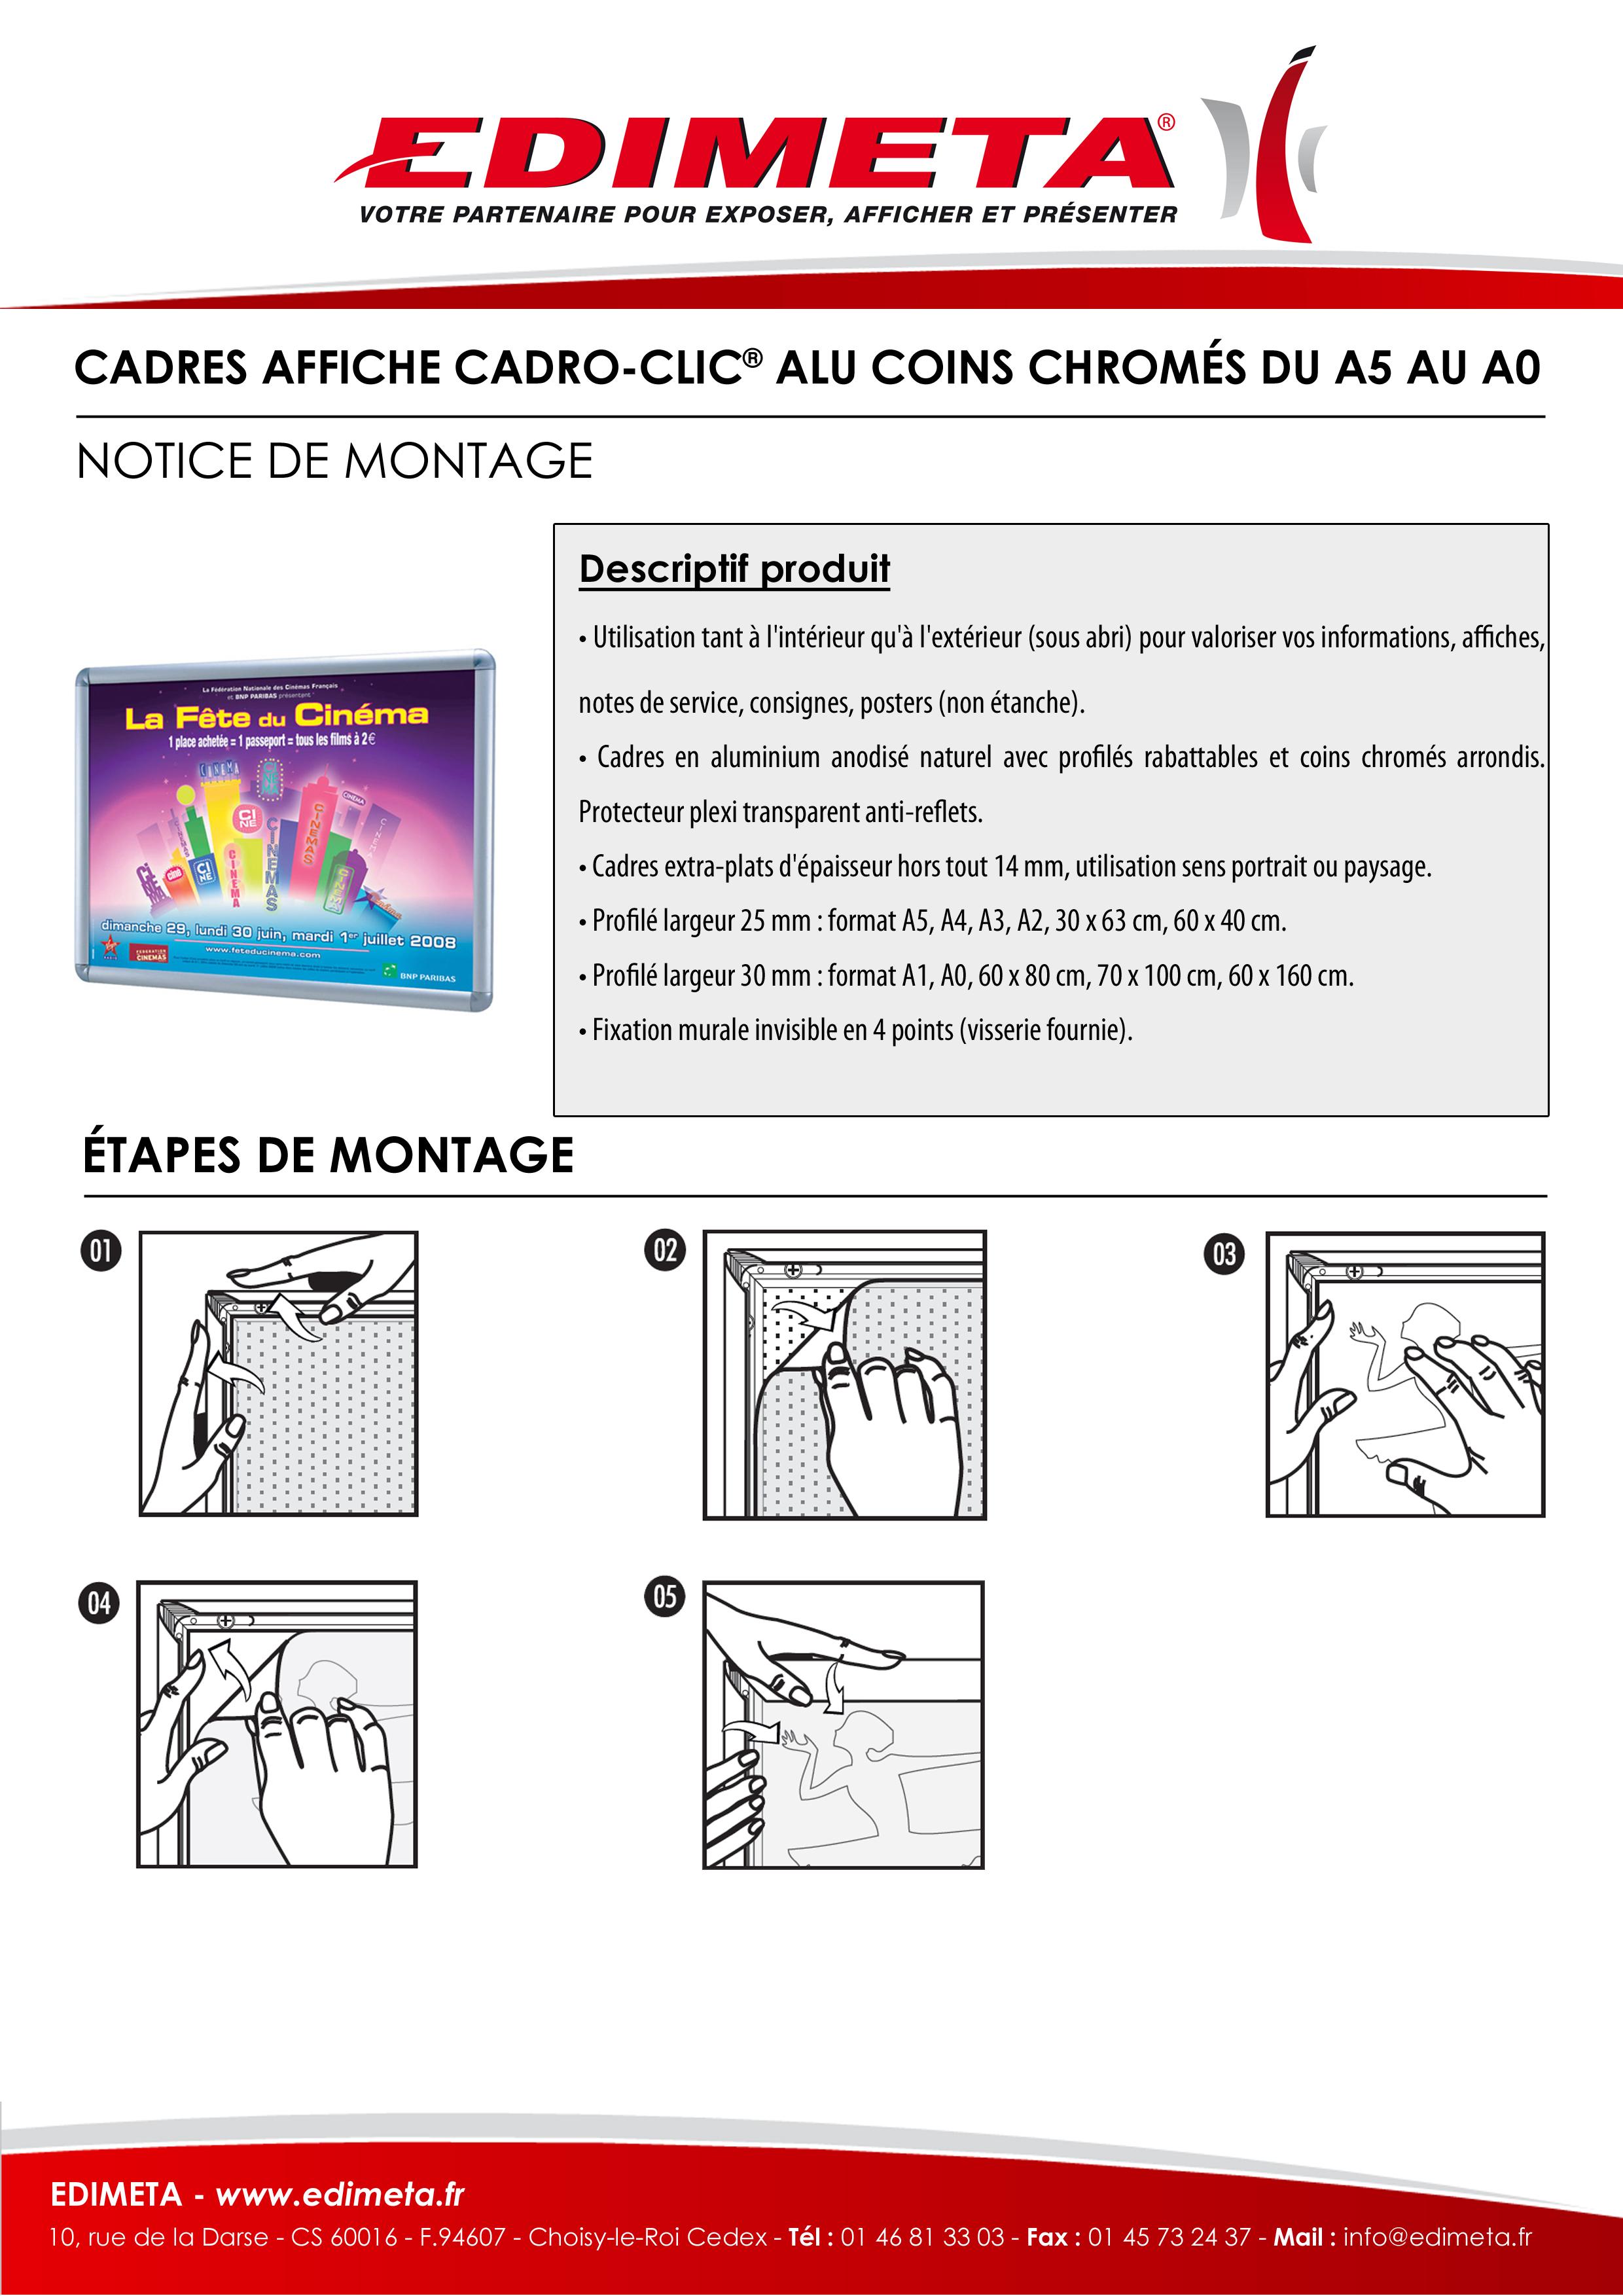 NOTICE DE MONTAGE : CADRES AFFICHE CADRO-CLIC® ALU COINS CHROMÉS DU A5 AU A0